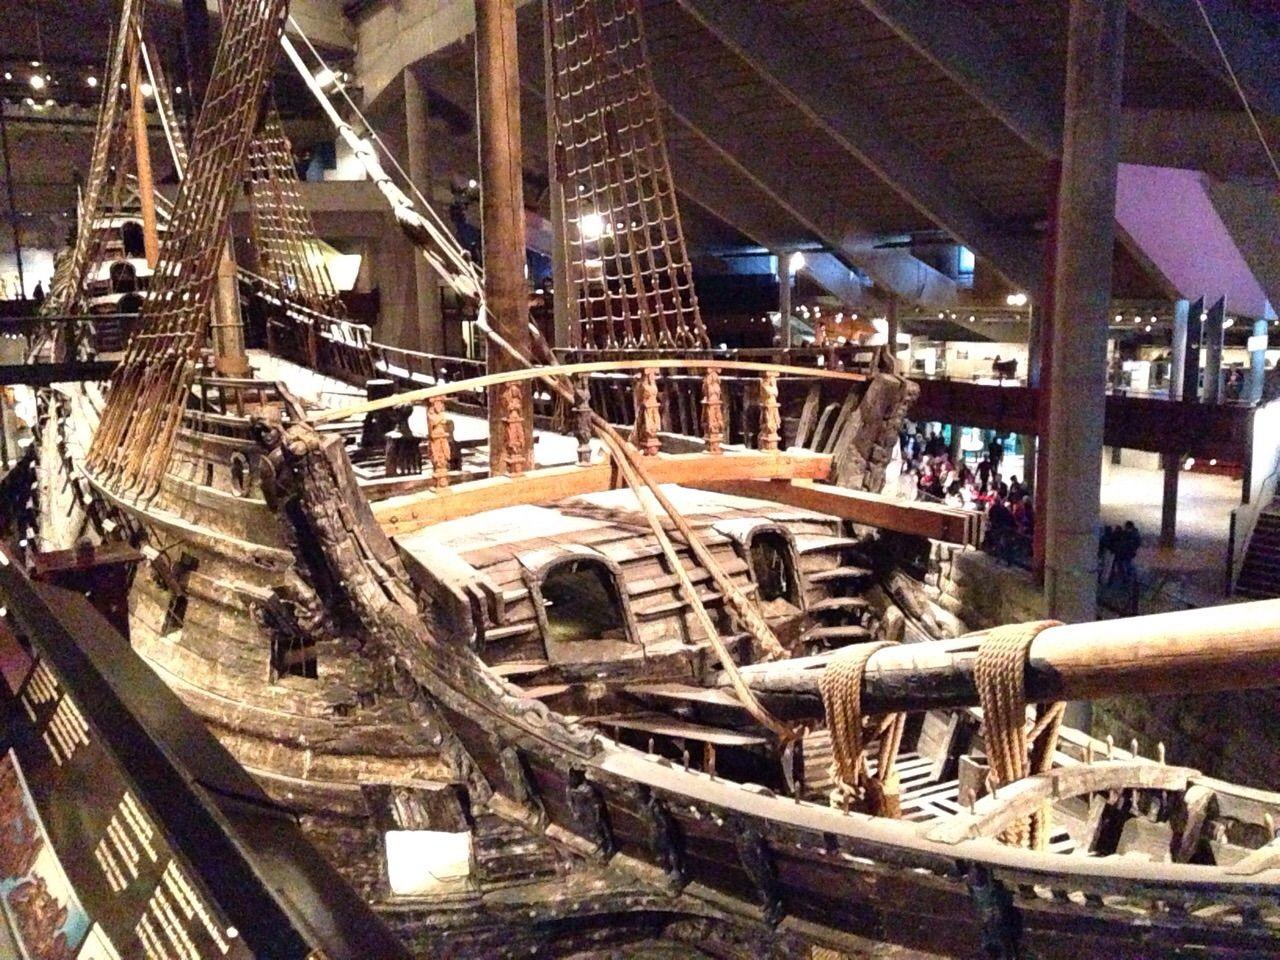 Barco sueco del 1600